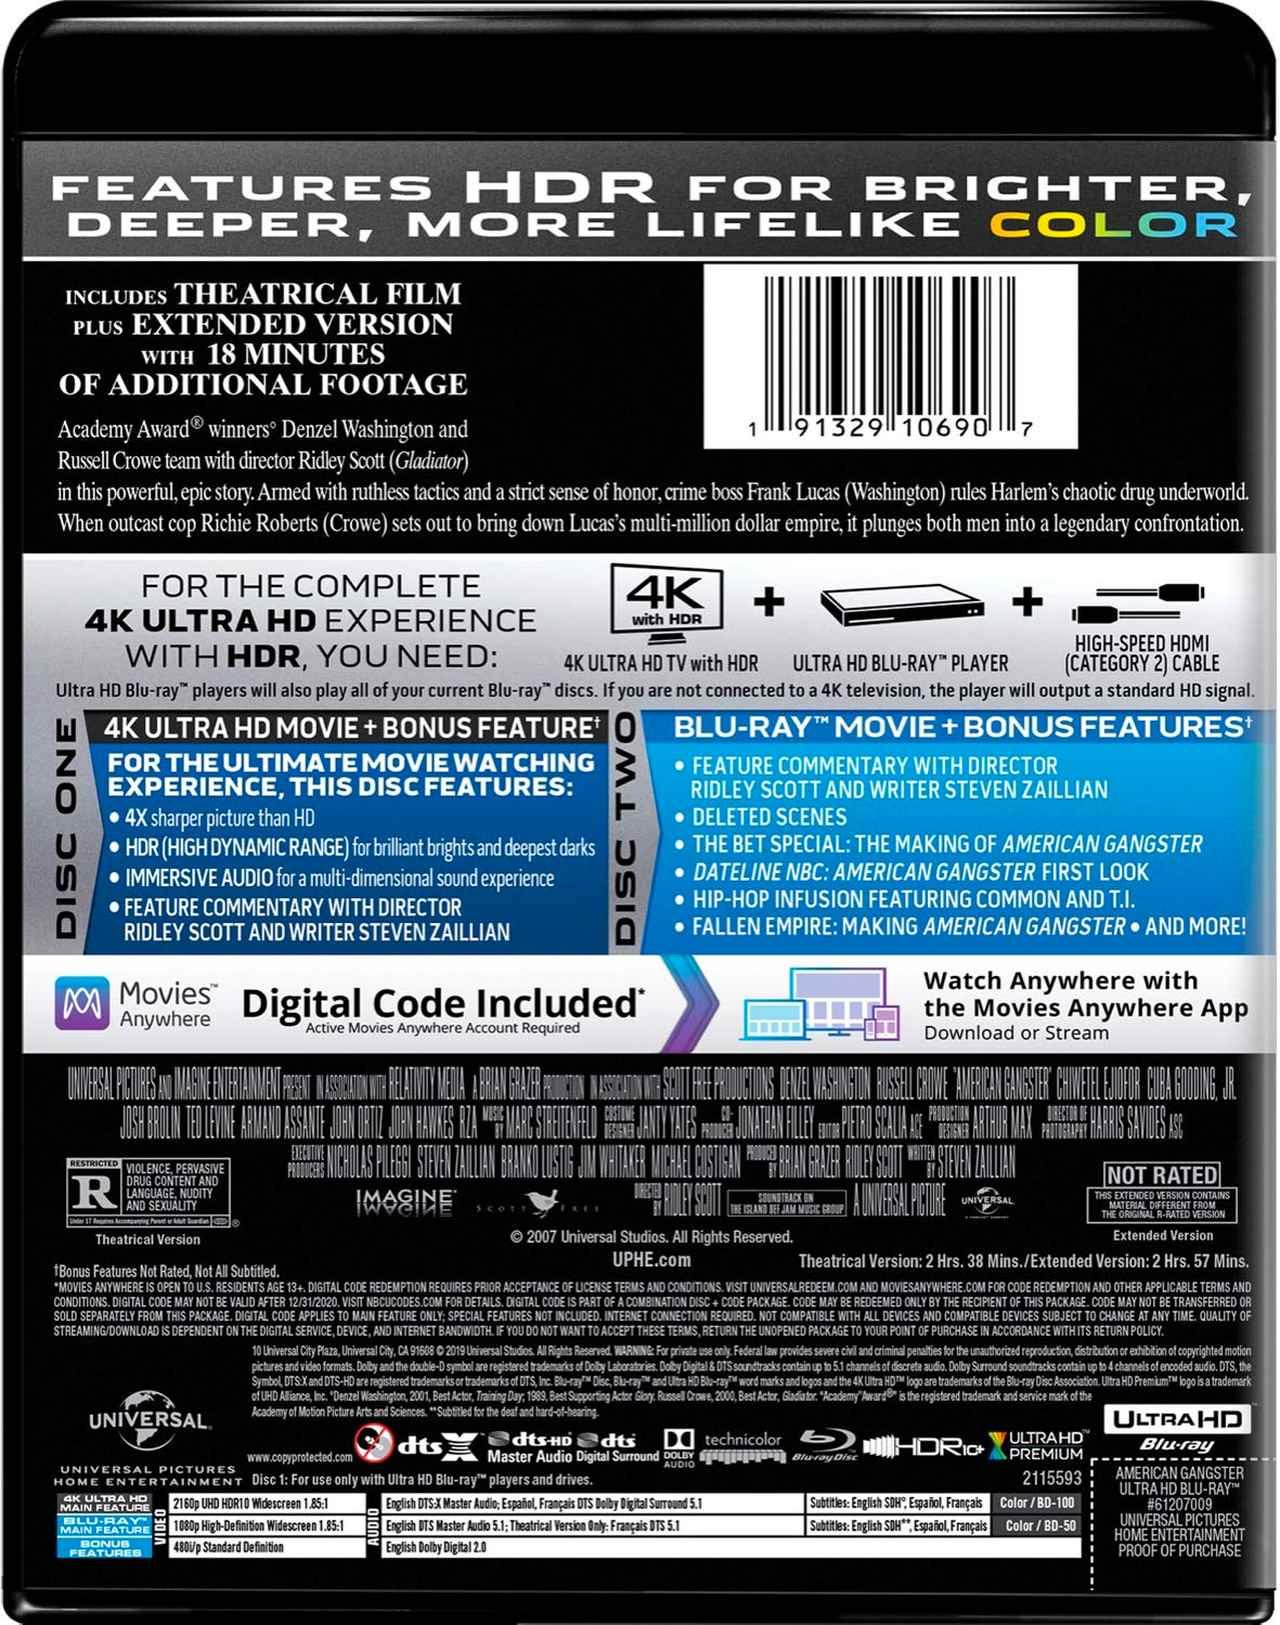 画像2: リドリー・スコットが贈る実録犯罪サスペンス『アメリカン・ギャングスター』【海外盤Blu-ray発売情報】